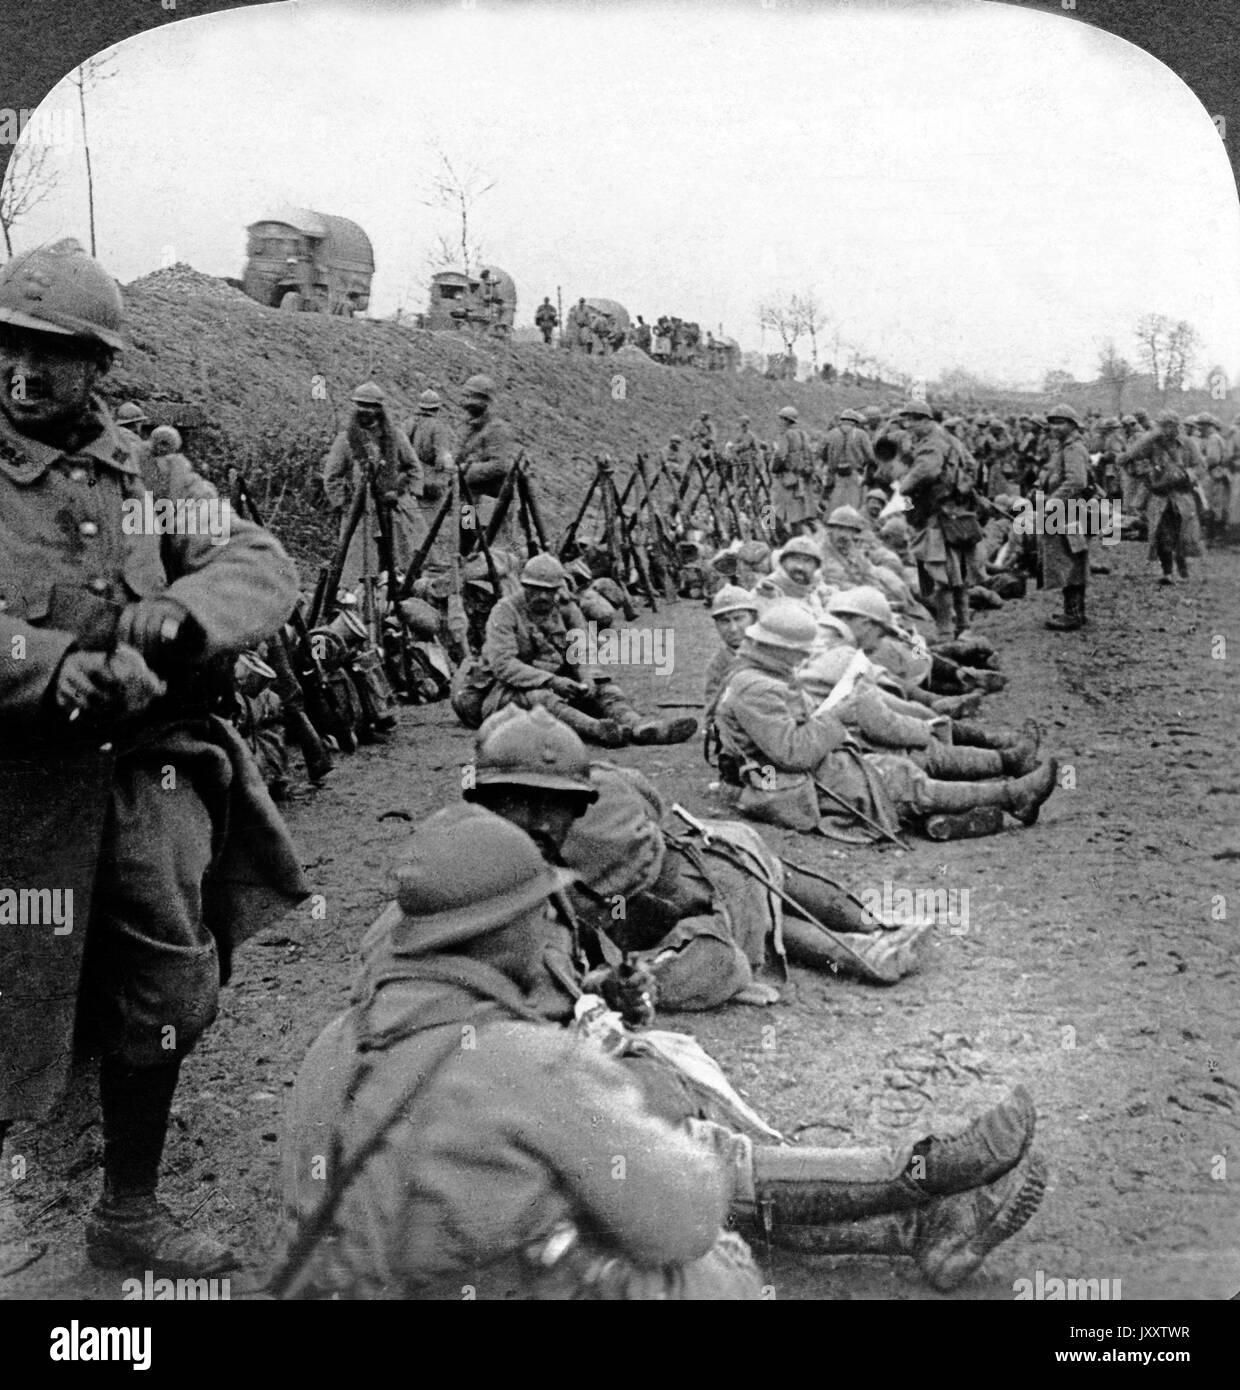 Soldaten und Armeetransporte bei einer Rast vor Verdun, Frankreich 1916. Troops and army transports resting before Verdun, France 1916. - Stock Image